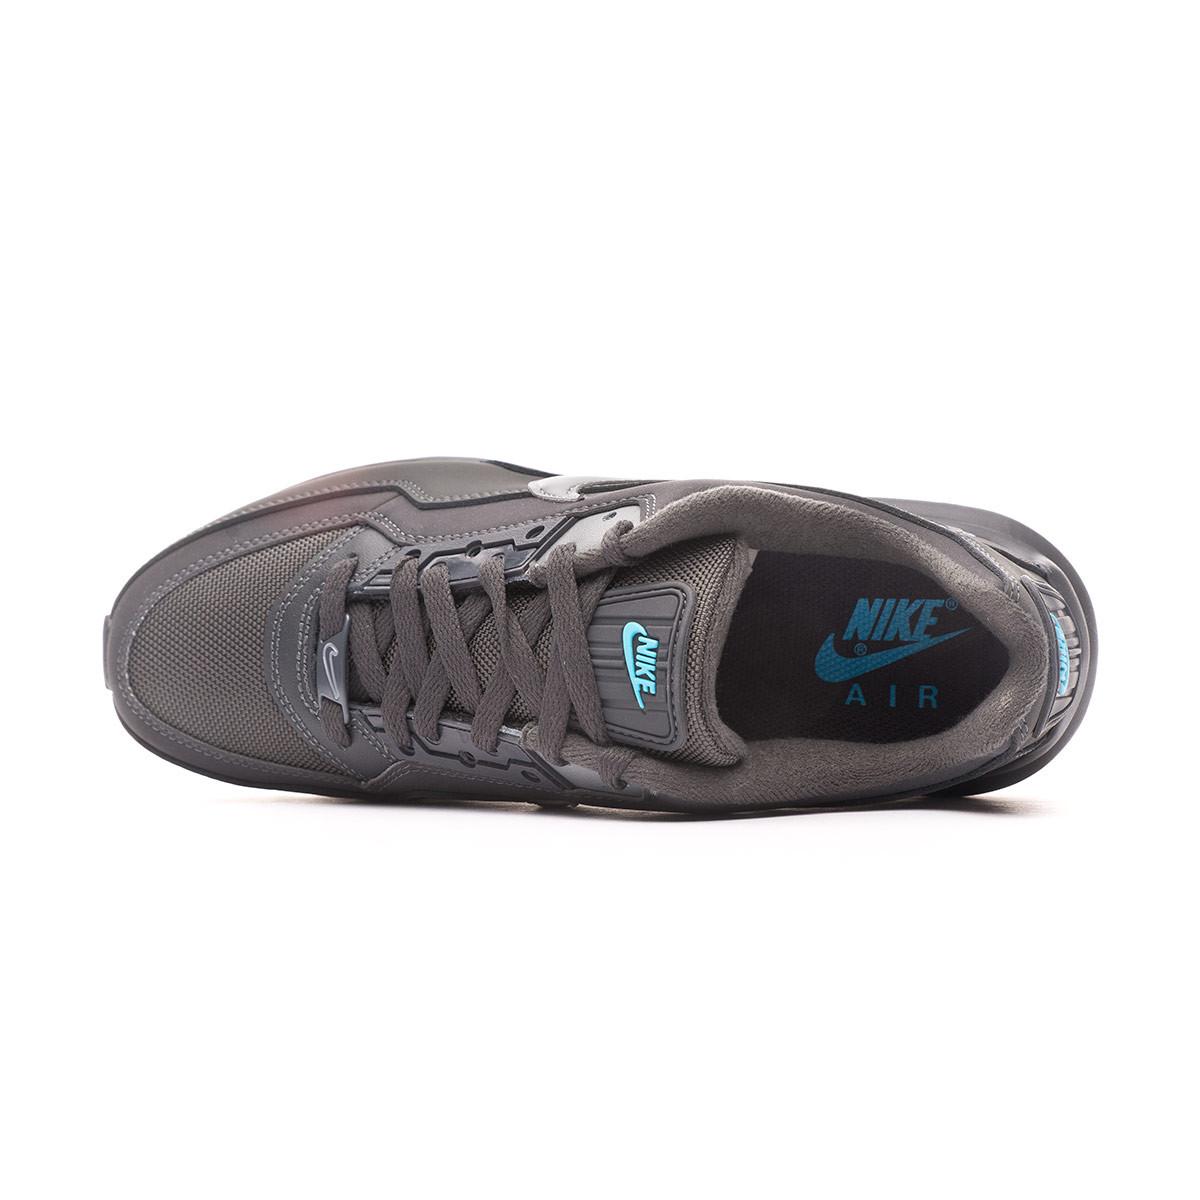 Trainers Nike Air Max LTD III